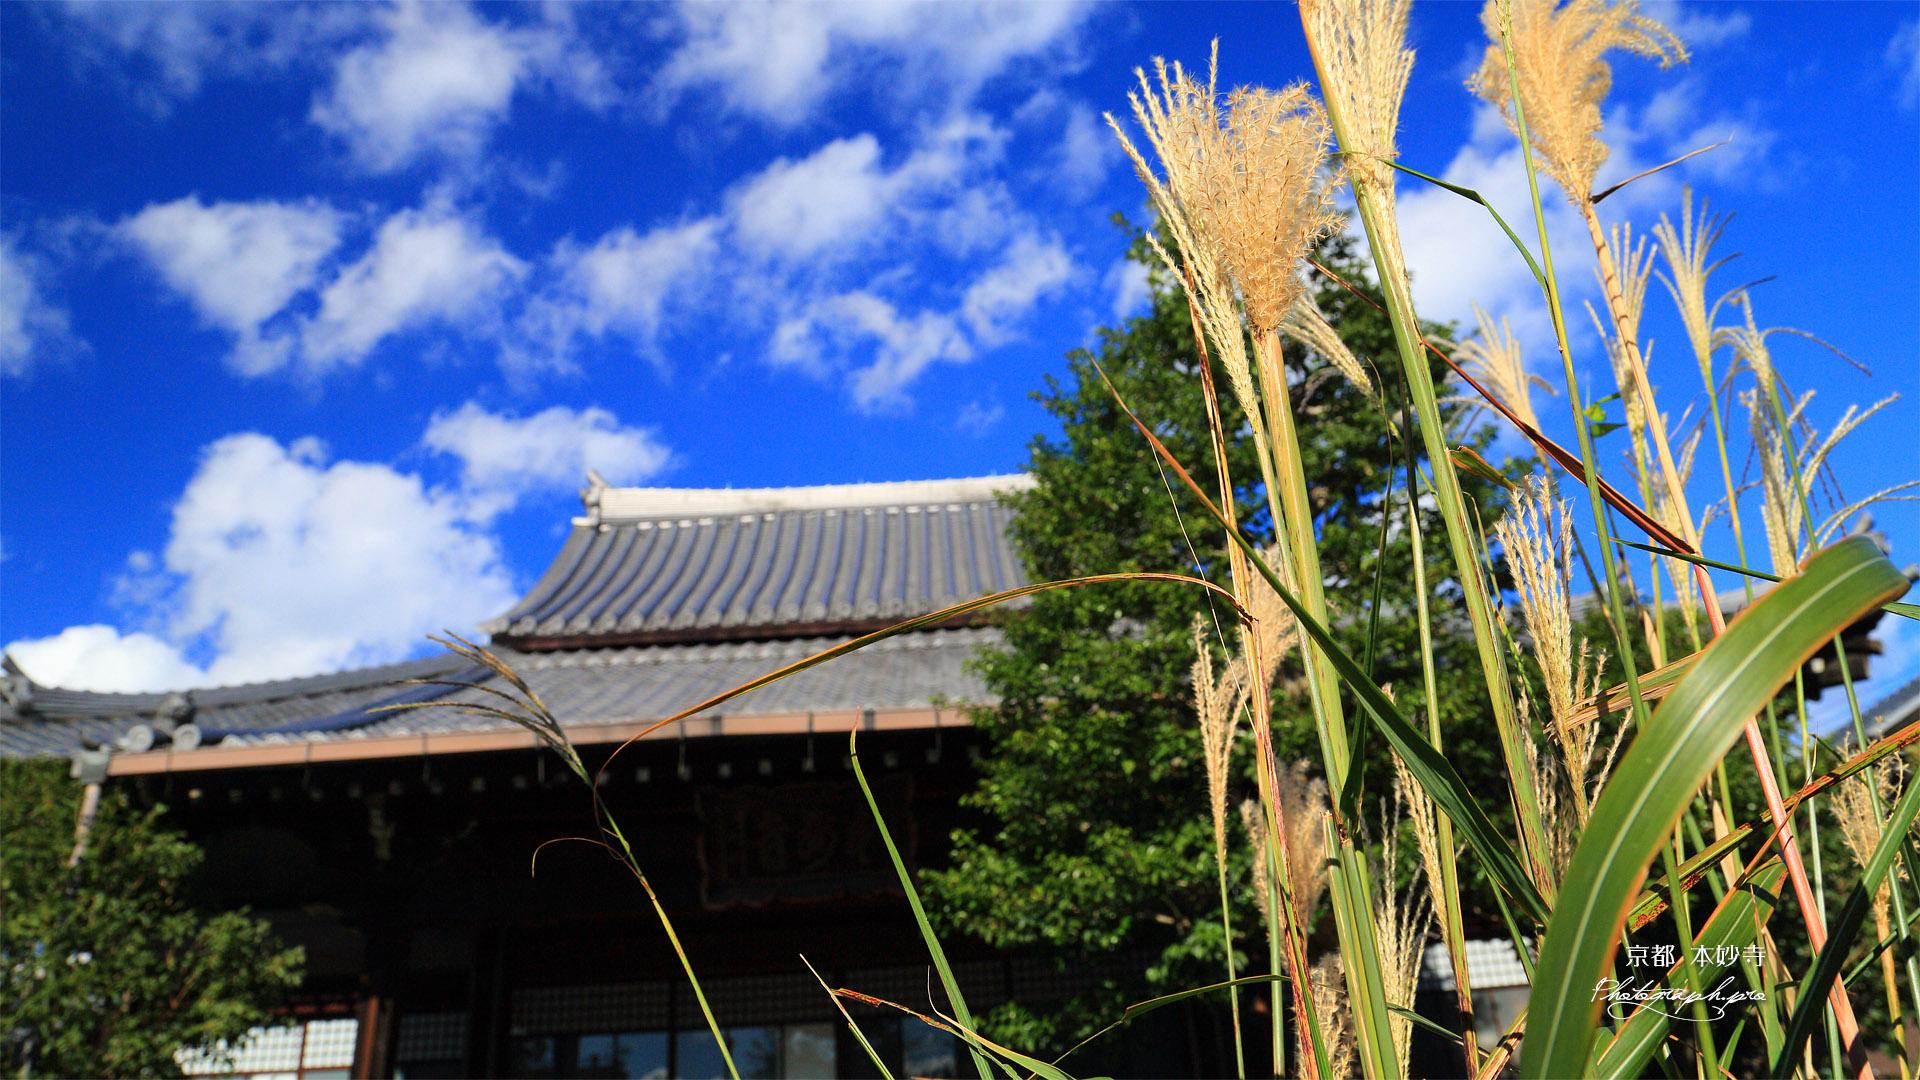 本妙寺 ススキと本堂